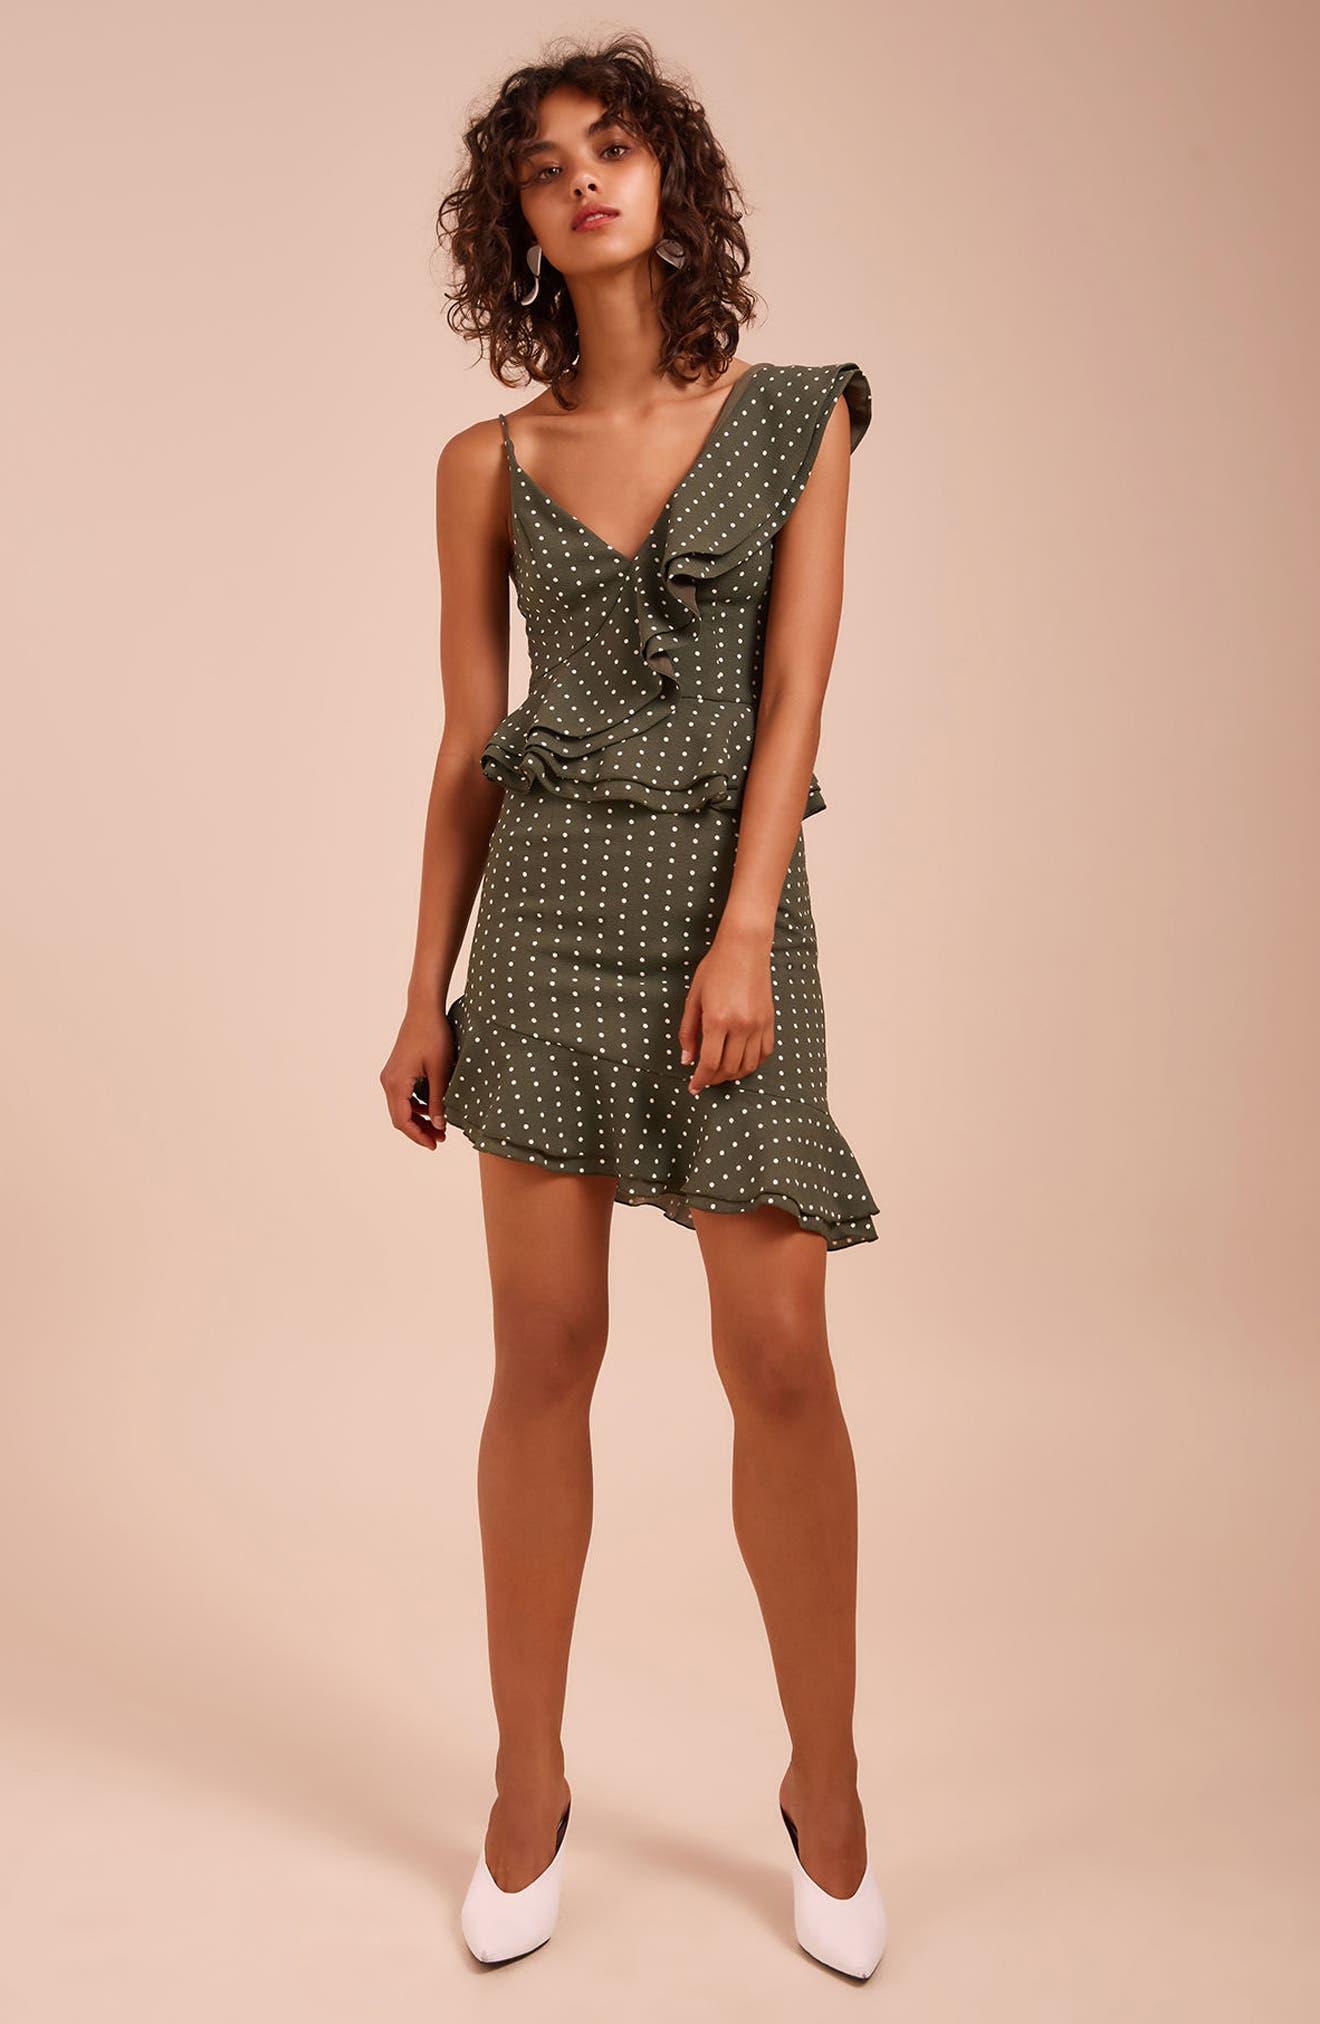 Entice Dot Ruffle Trim Dress,                             Alternate thumbnail 7, color,                             Khaki W Ivory Spot